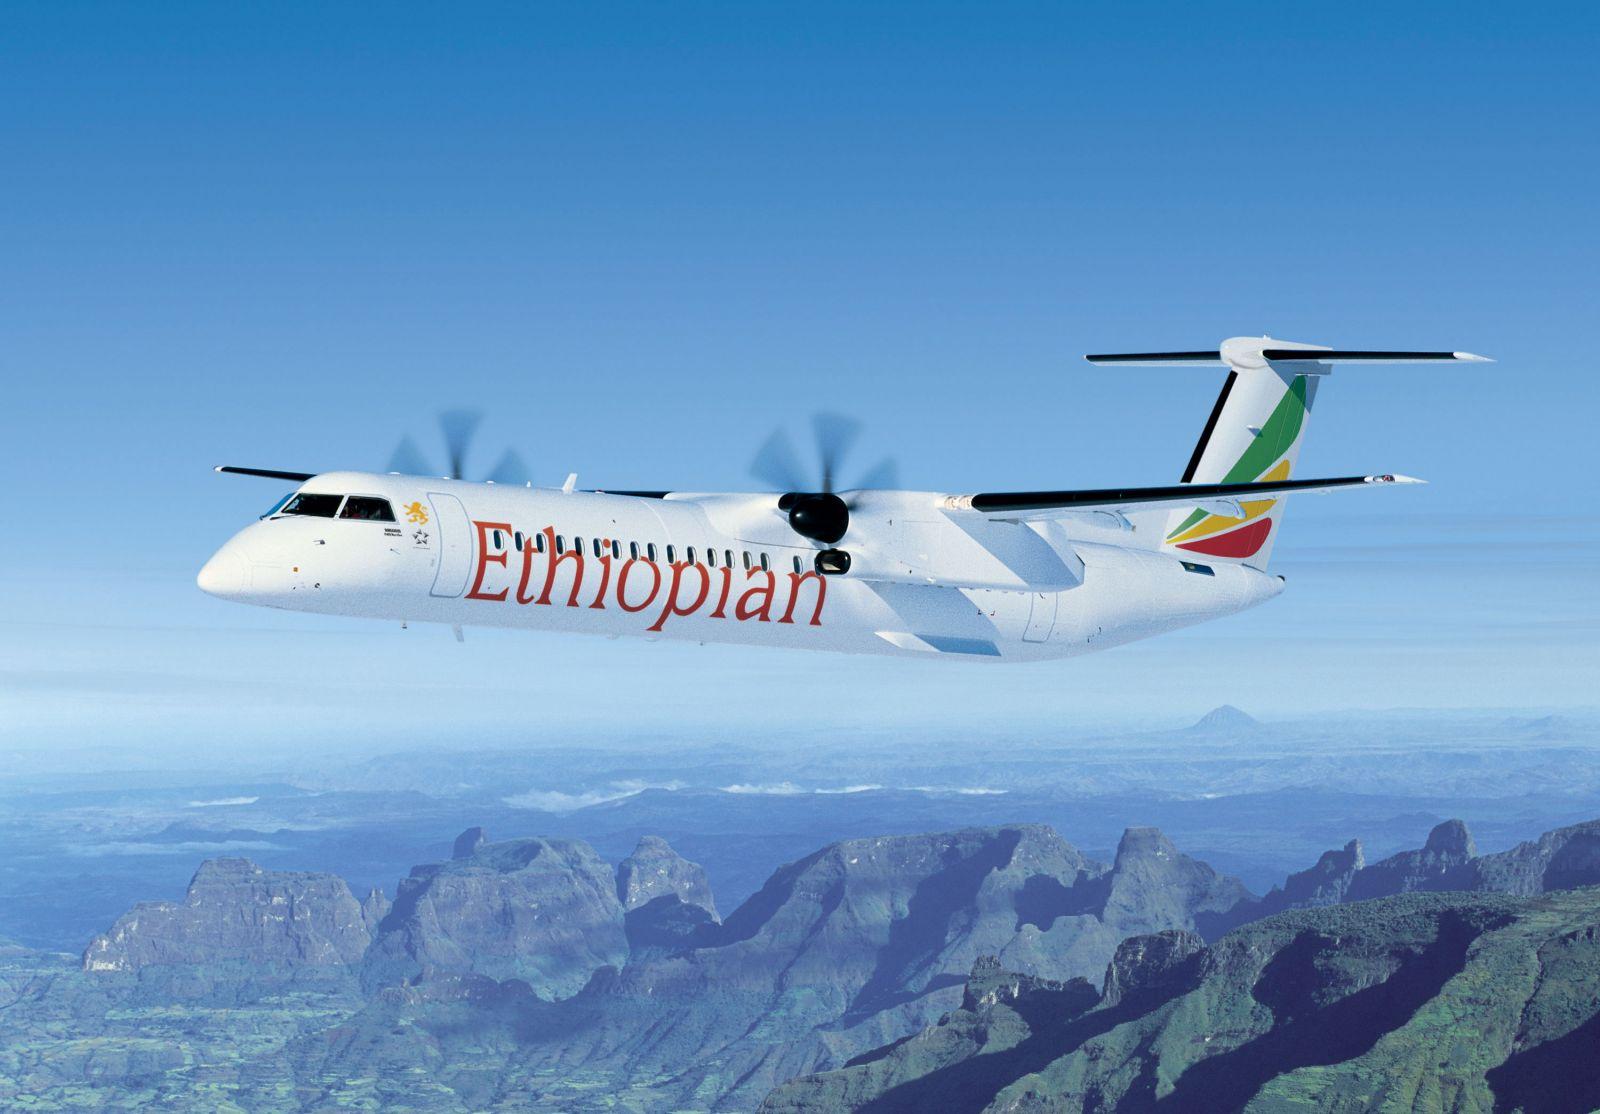 bombardier Q400-Ethiopian Airlines Pemakai Bombardier Terbesar di Afrika